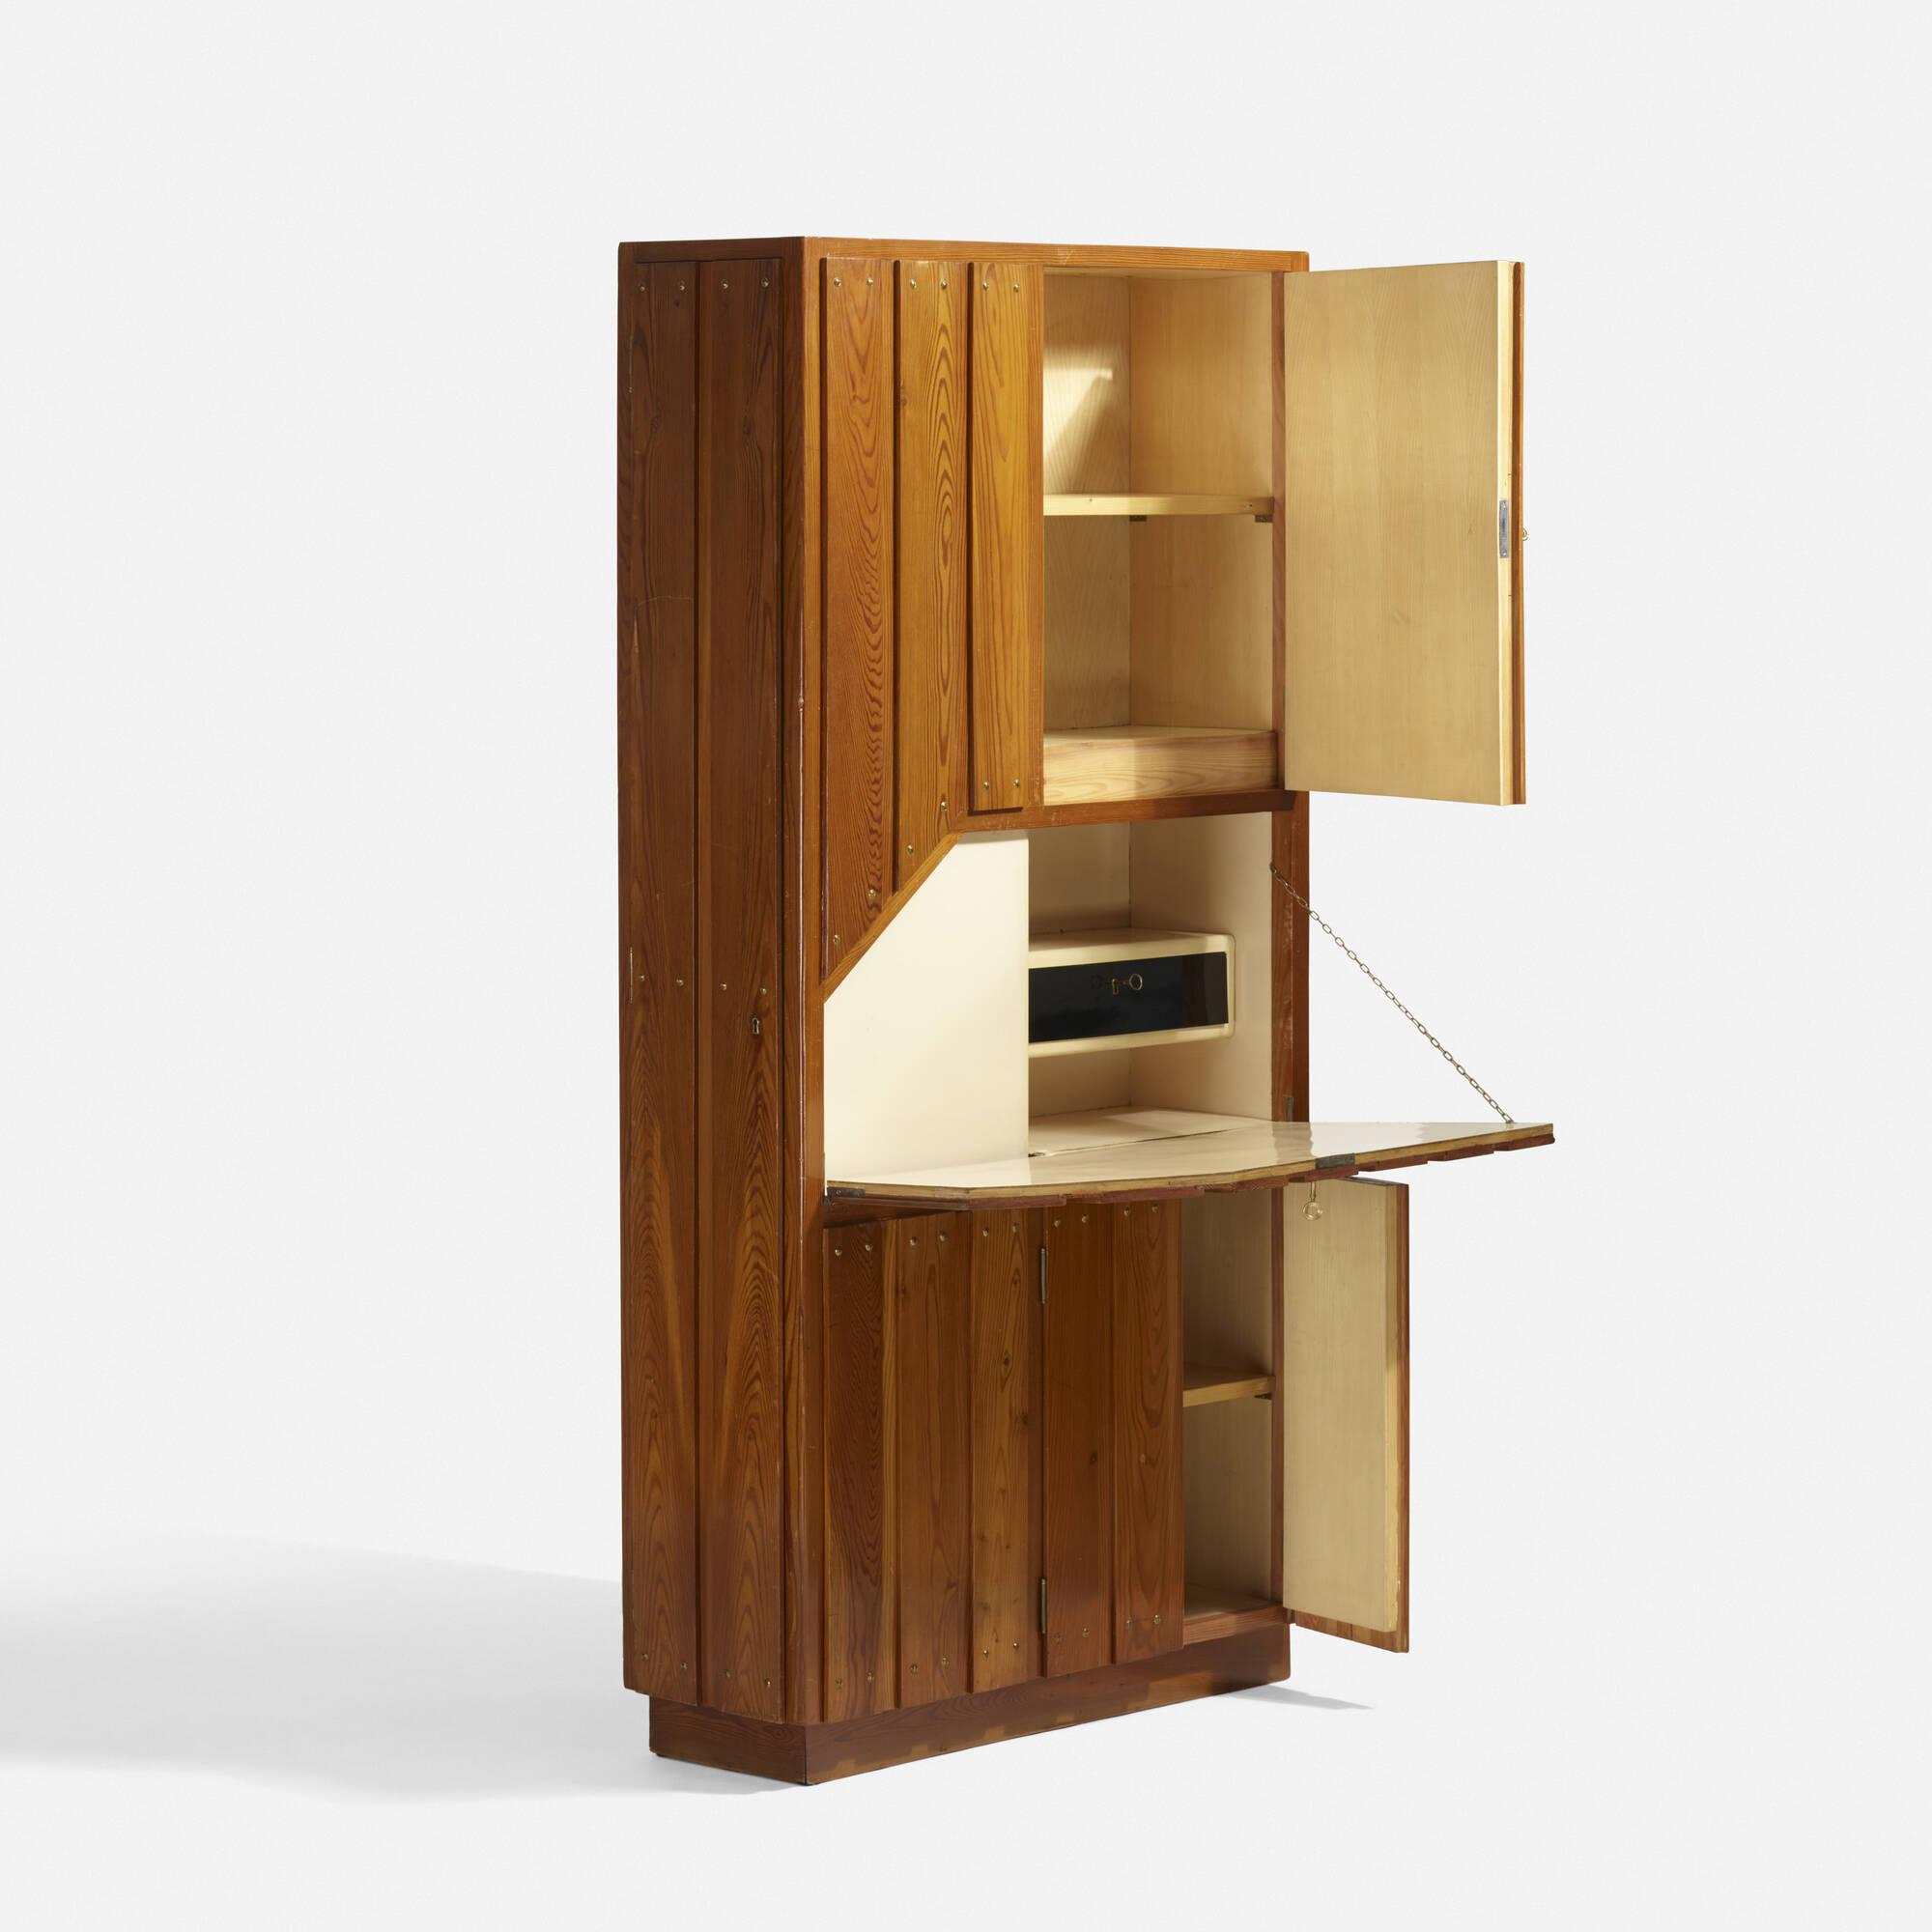 39: carlo mollino / unique secretaire cabinet for casa cattaneo